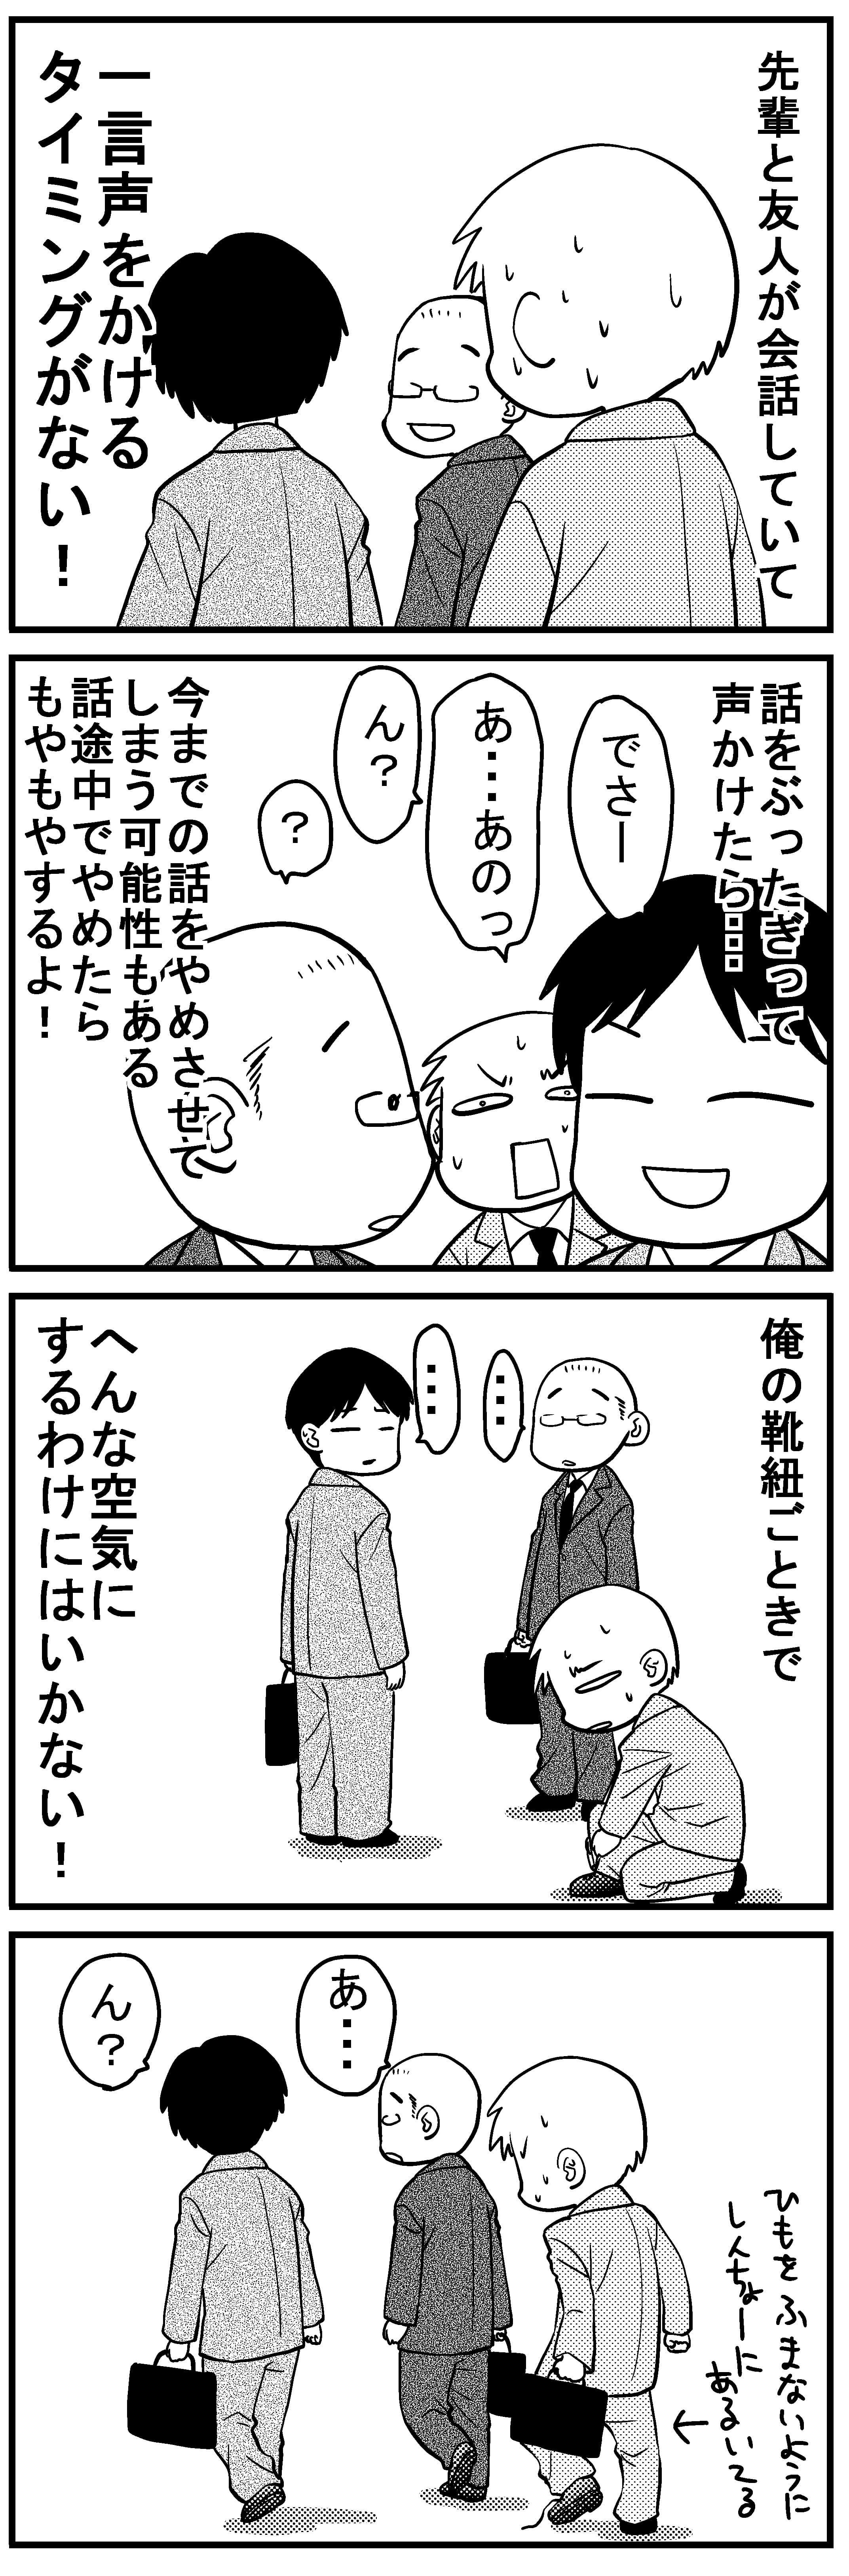 深読み君7 のコピー_mini (1)